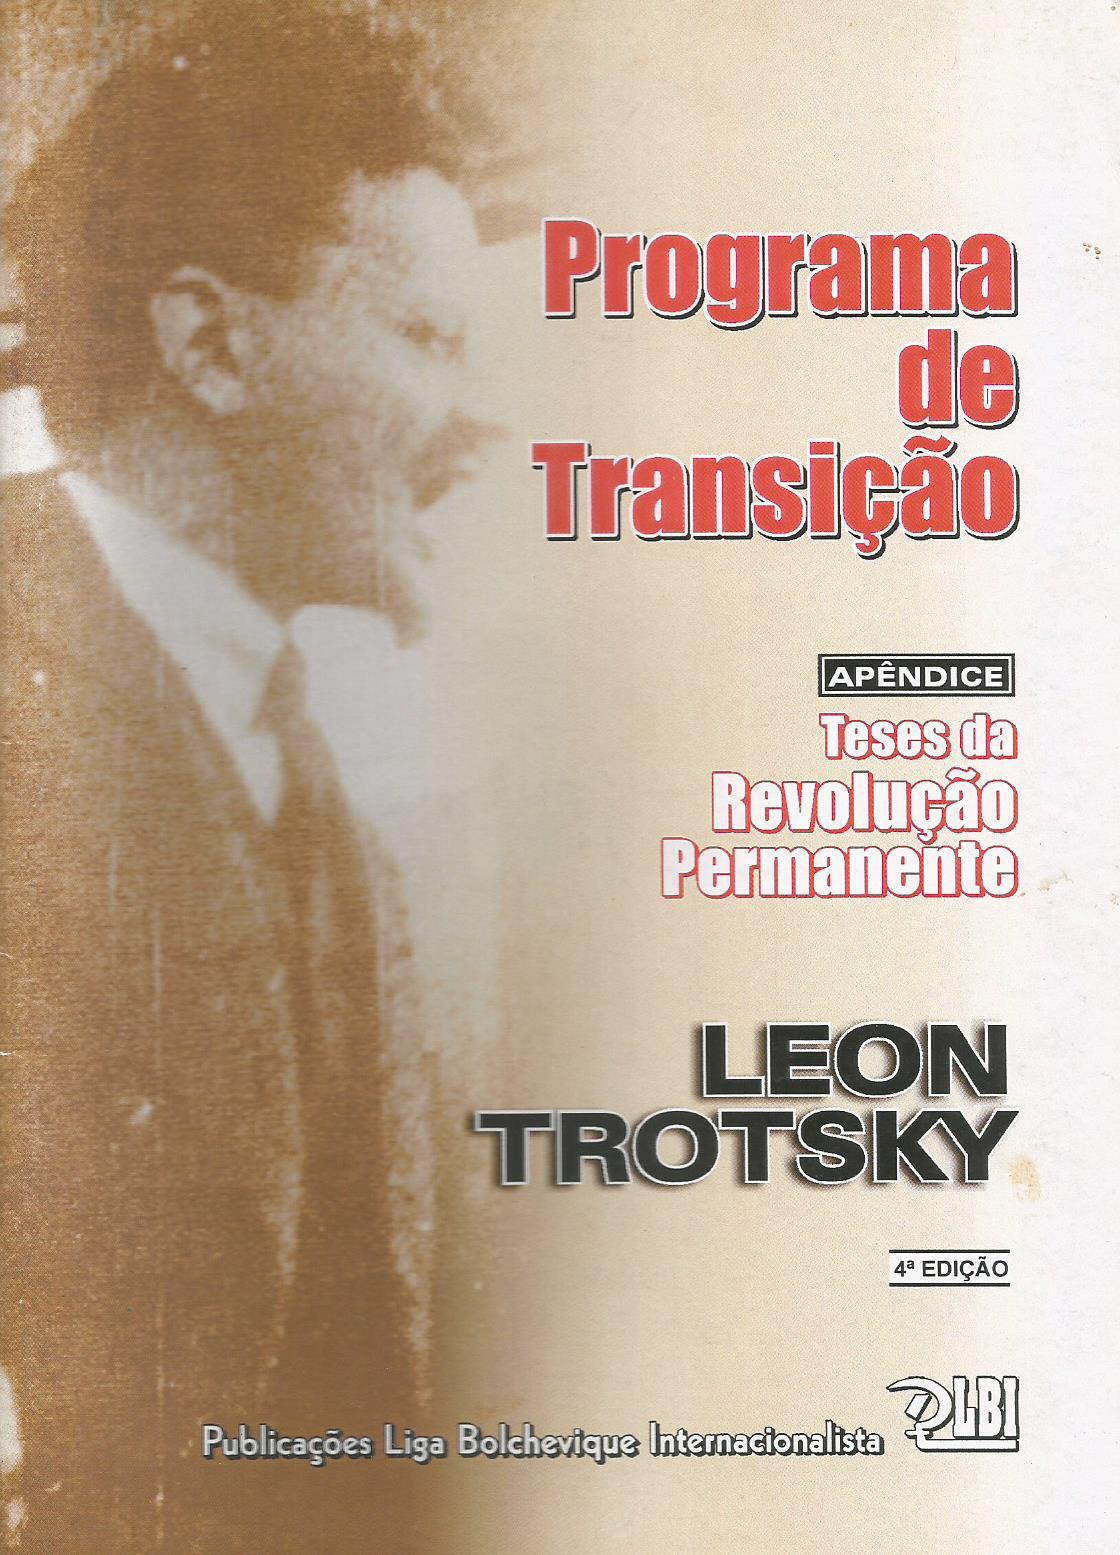 PROGRAMA DE TRANSIÇÃO E TESES DA REVOLUÇÃO PERMANENTE